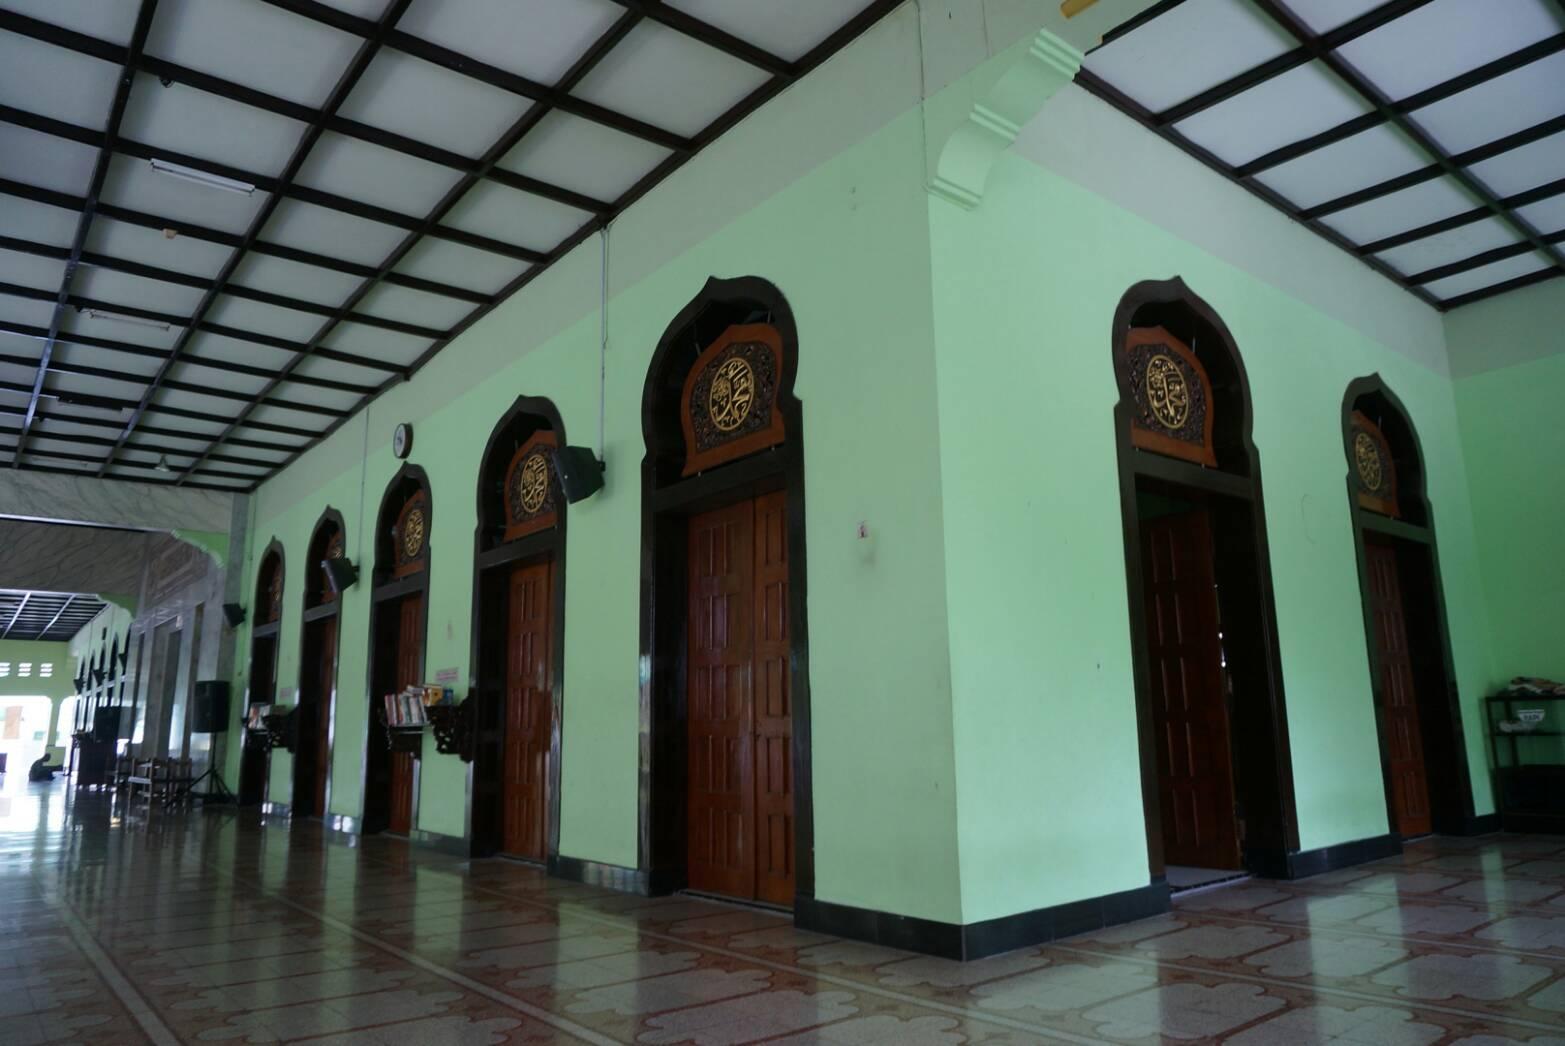 Masjid Roudhotul Musyawaroh Surabaya Tertua Setelah Ampel Kota